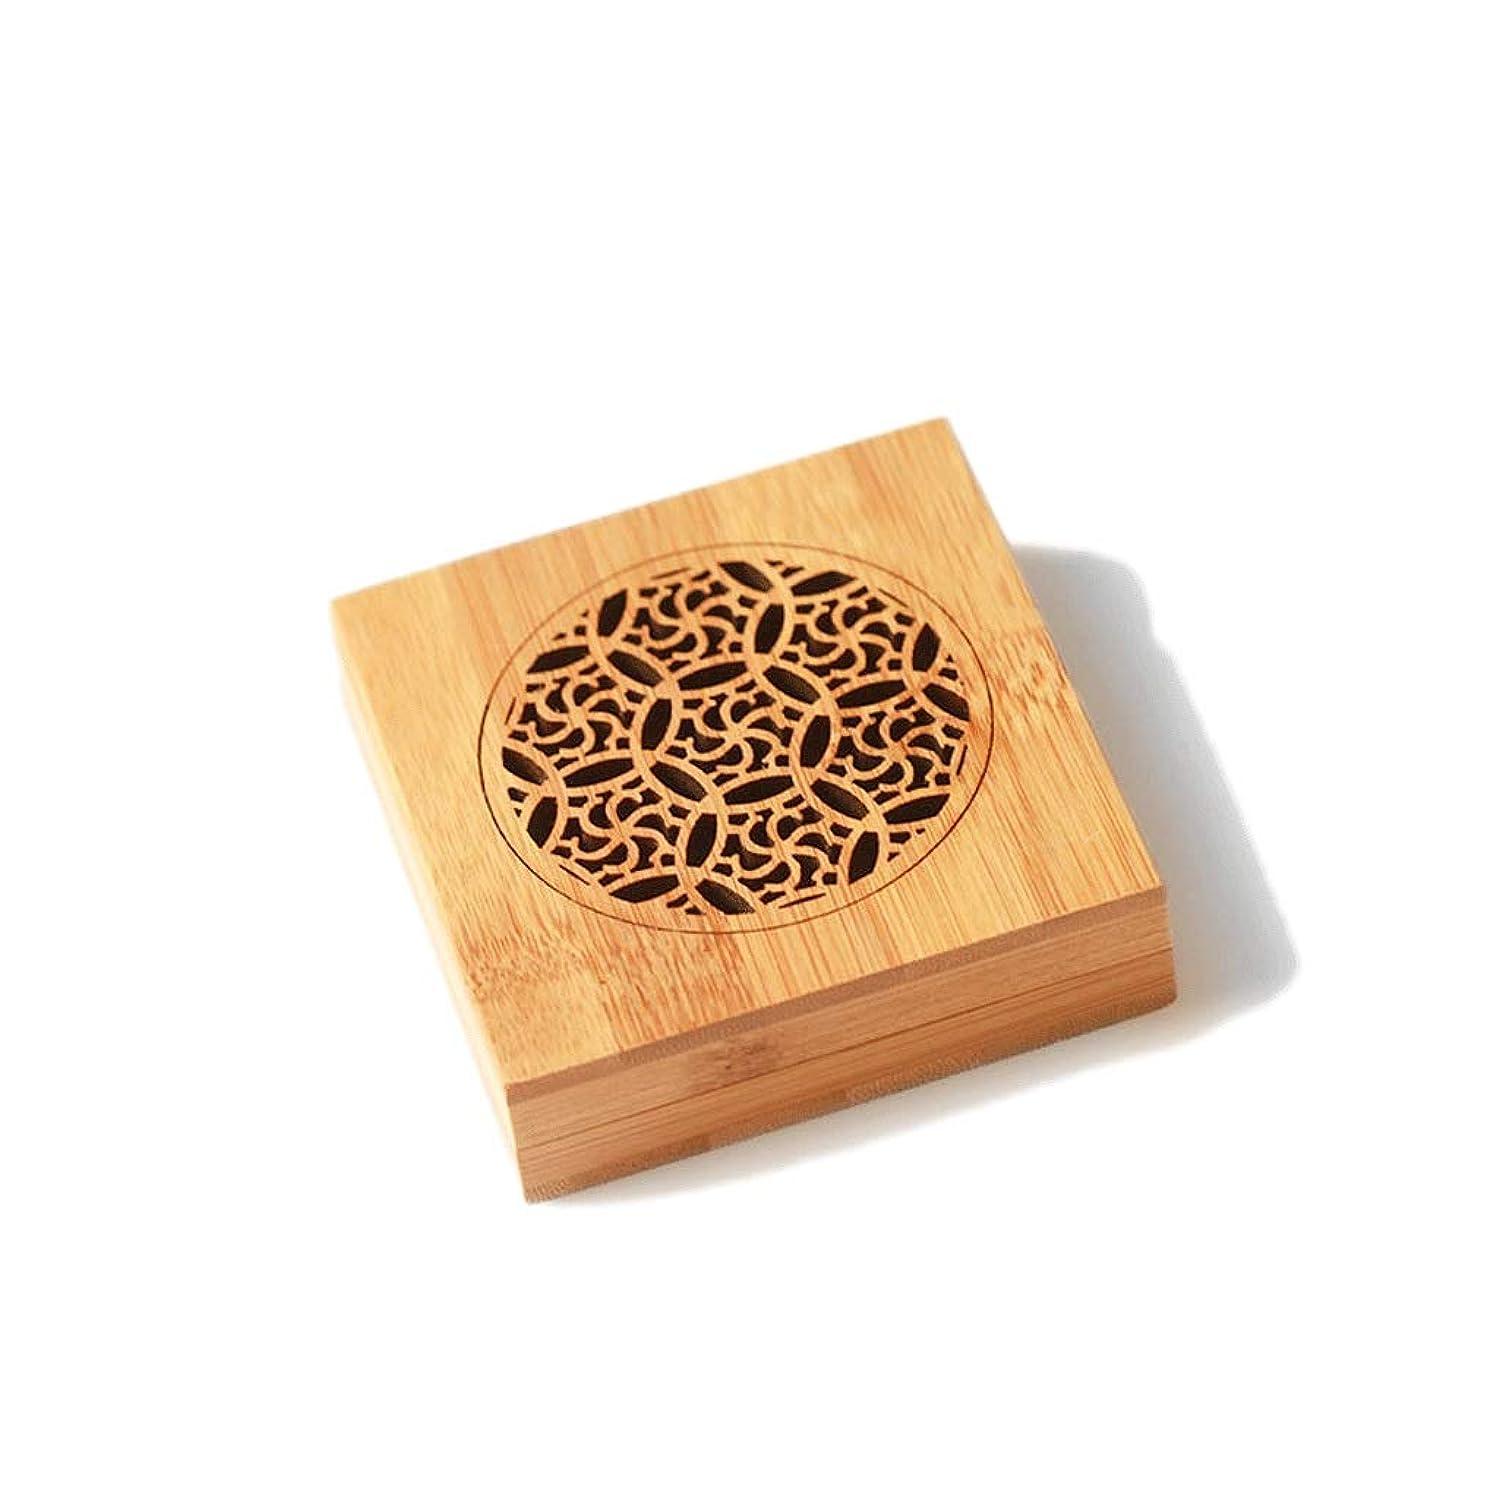 バンフルーツ野菜副竹の香バーナーコイルの香バーナー部屋の装飾瞑想竹の香り天然素材香ホルダー 芳香器?アロマバーナー (Color : WOOD, サイズ : Square)